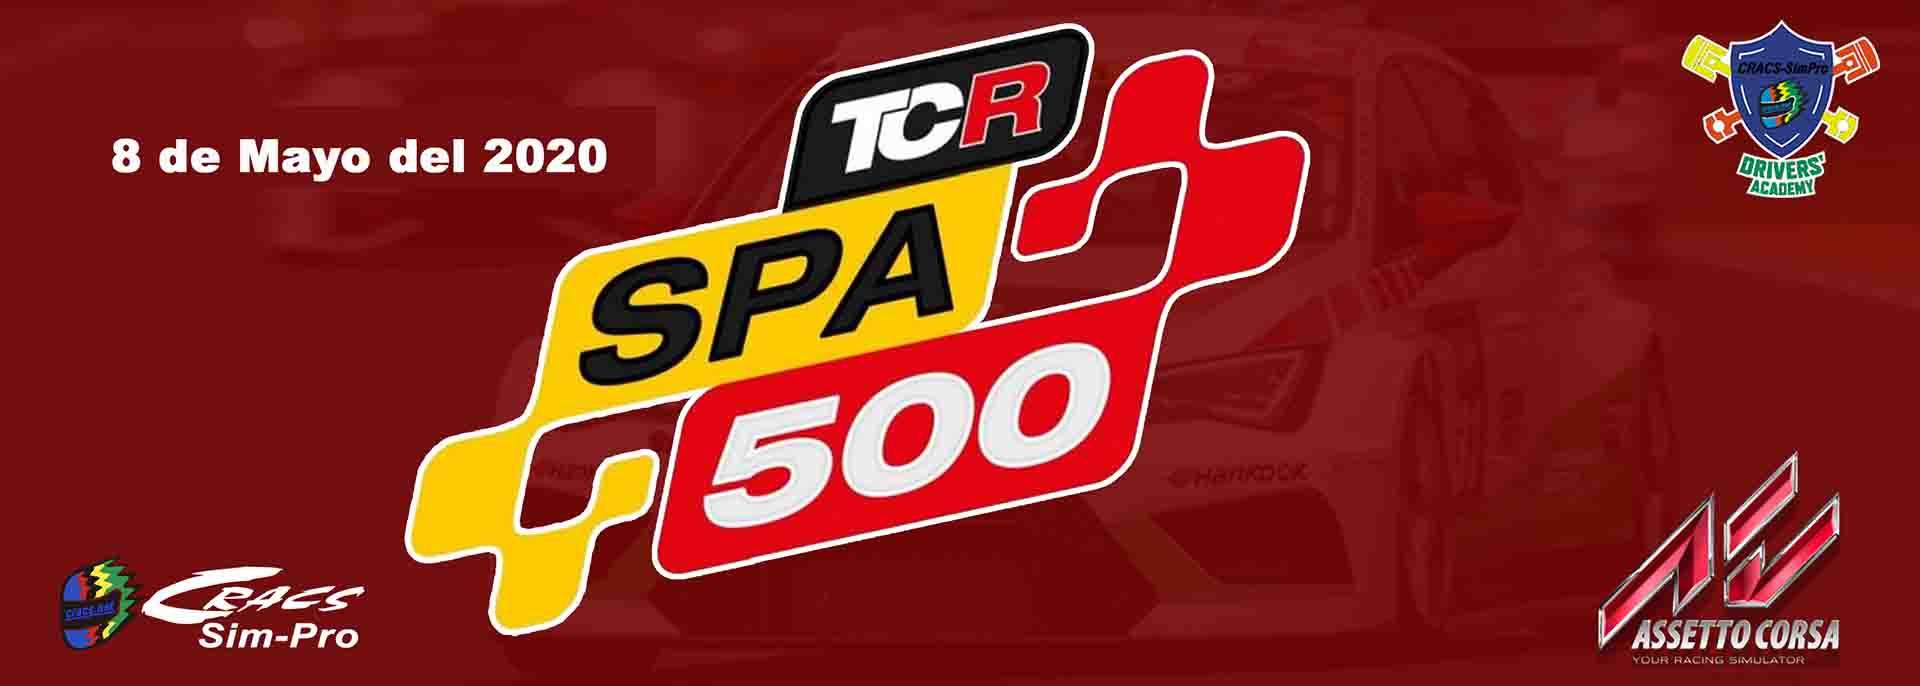 SPA 500 – Special